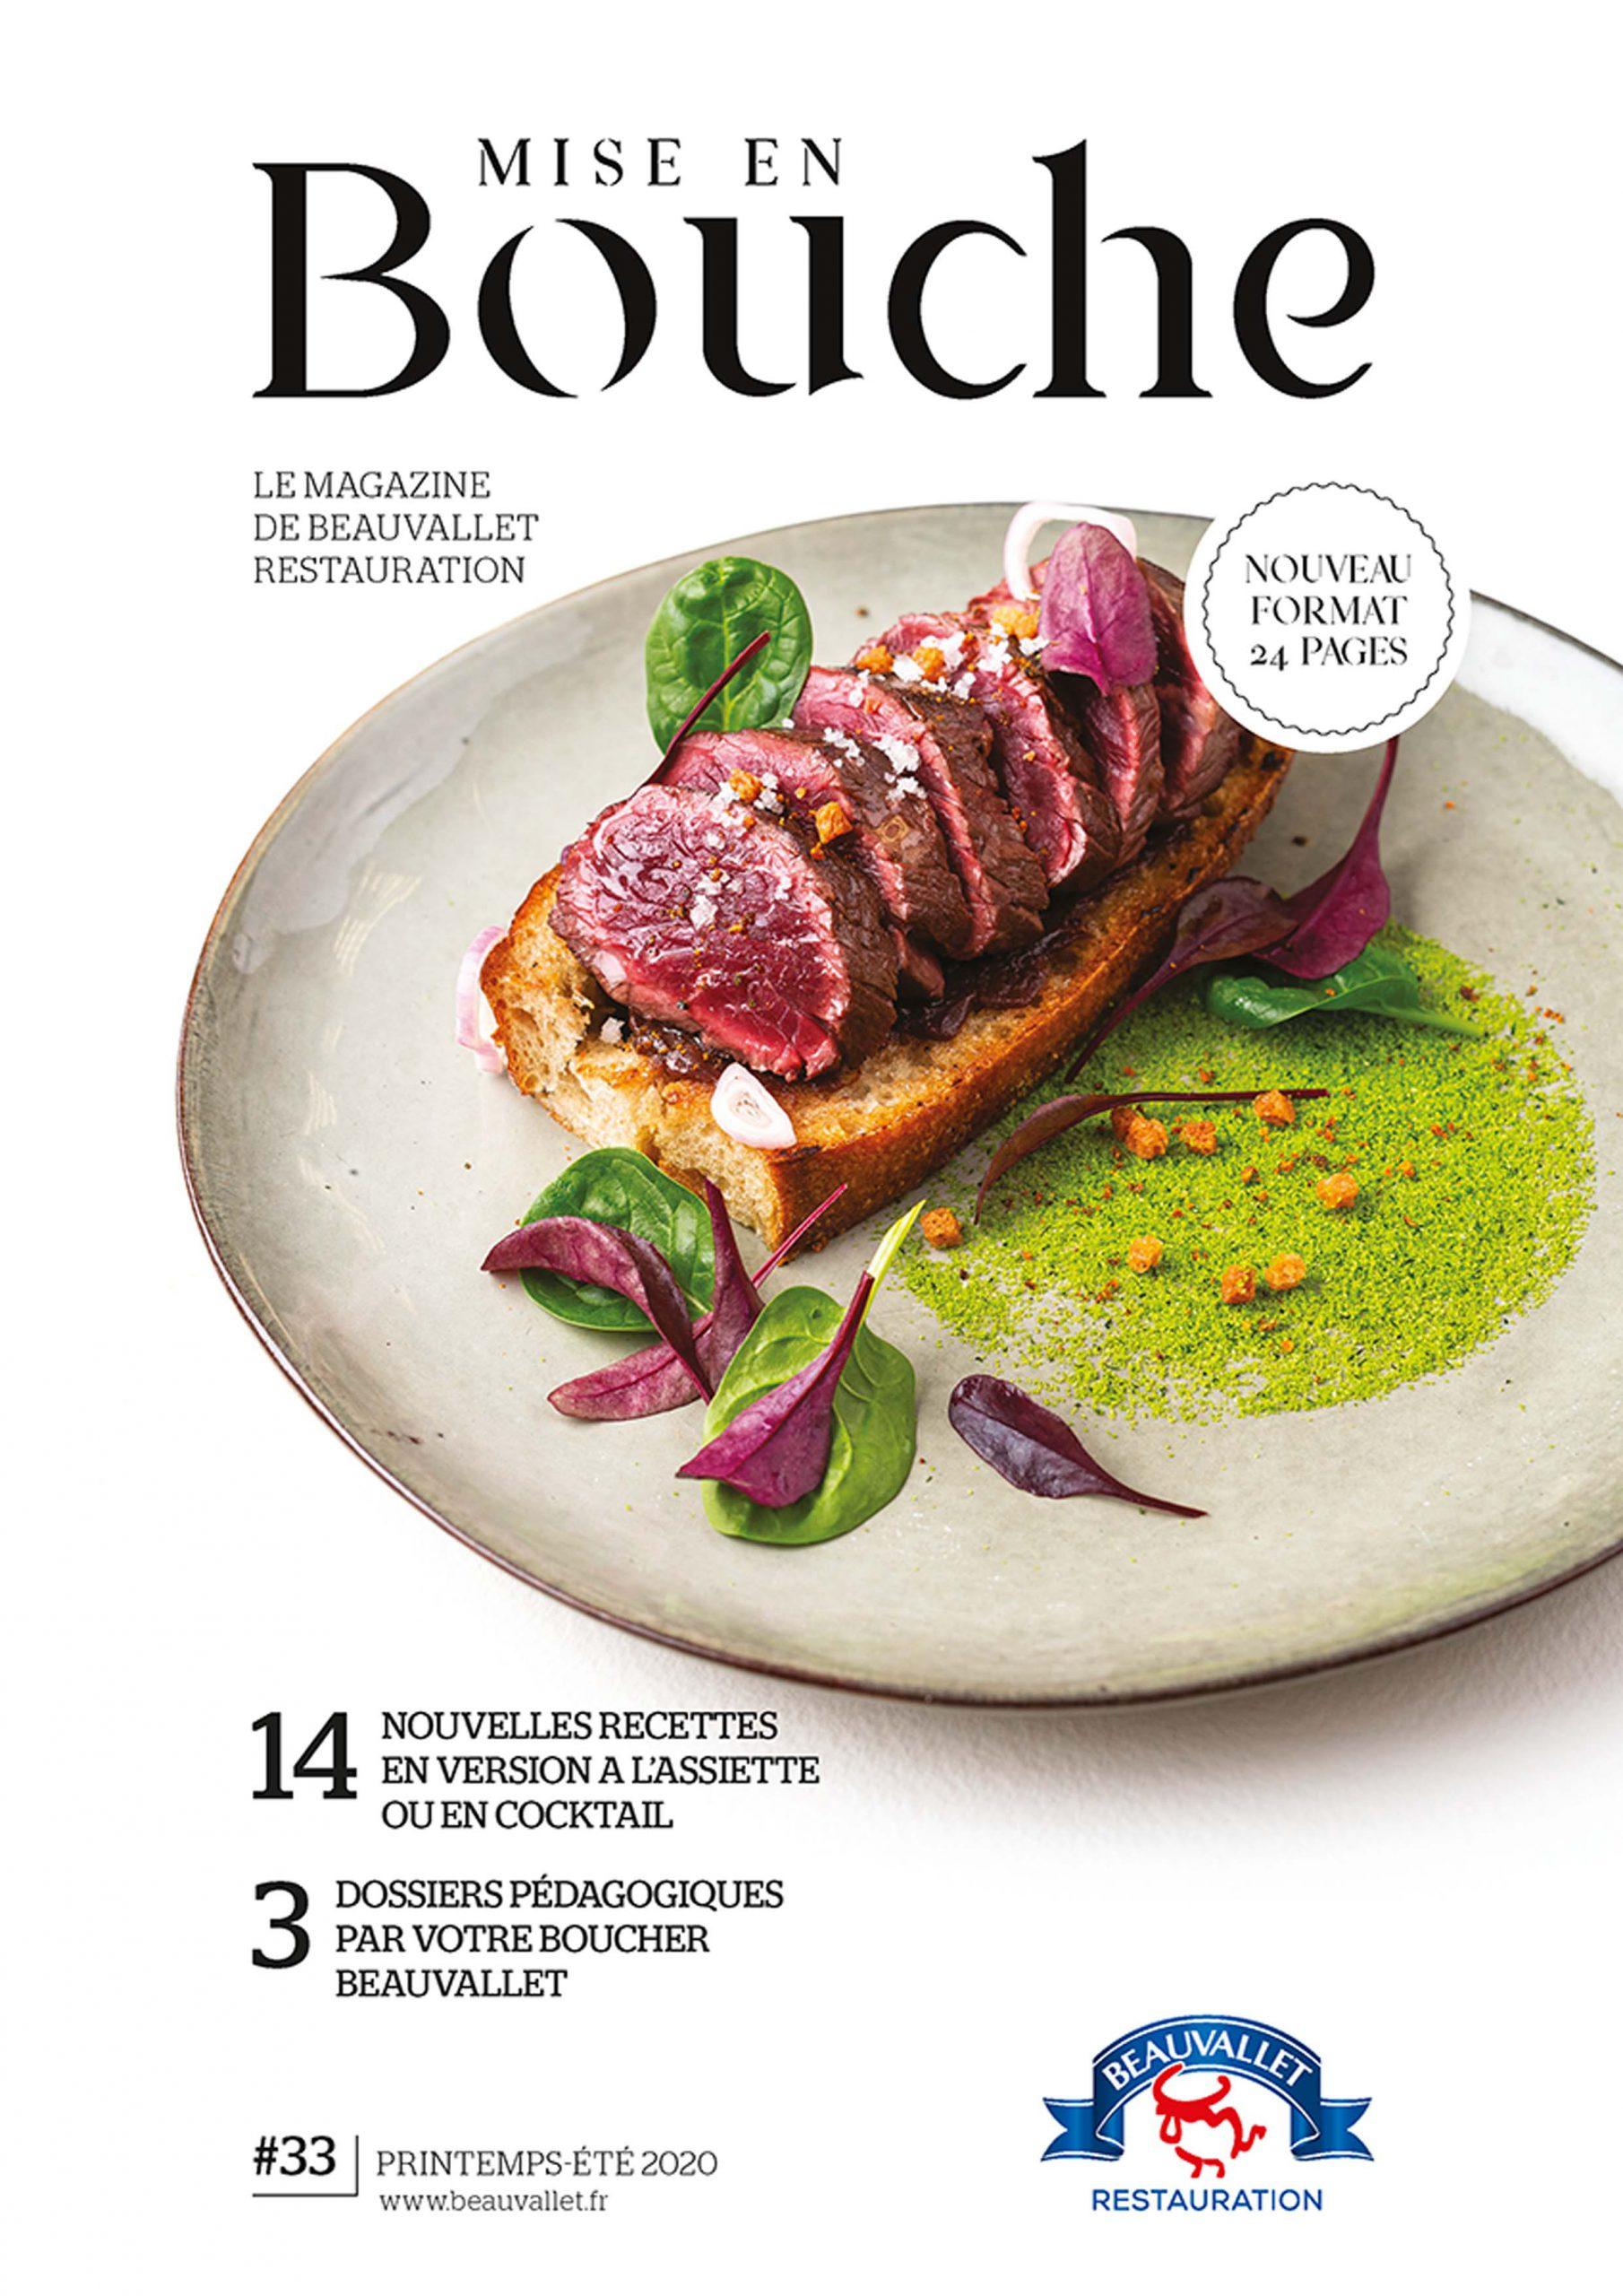 New Beauvallet's magazine : Mise en Bouche 2020